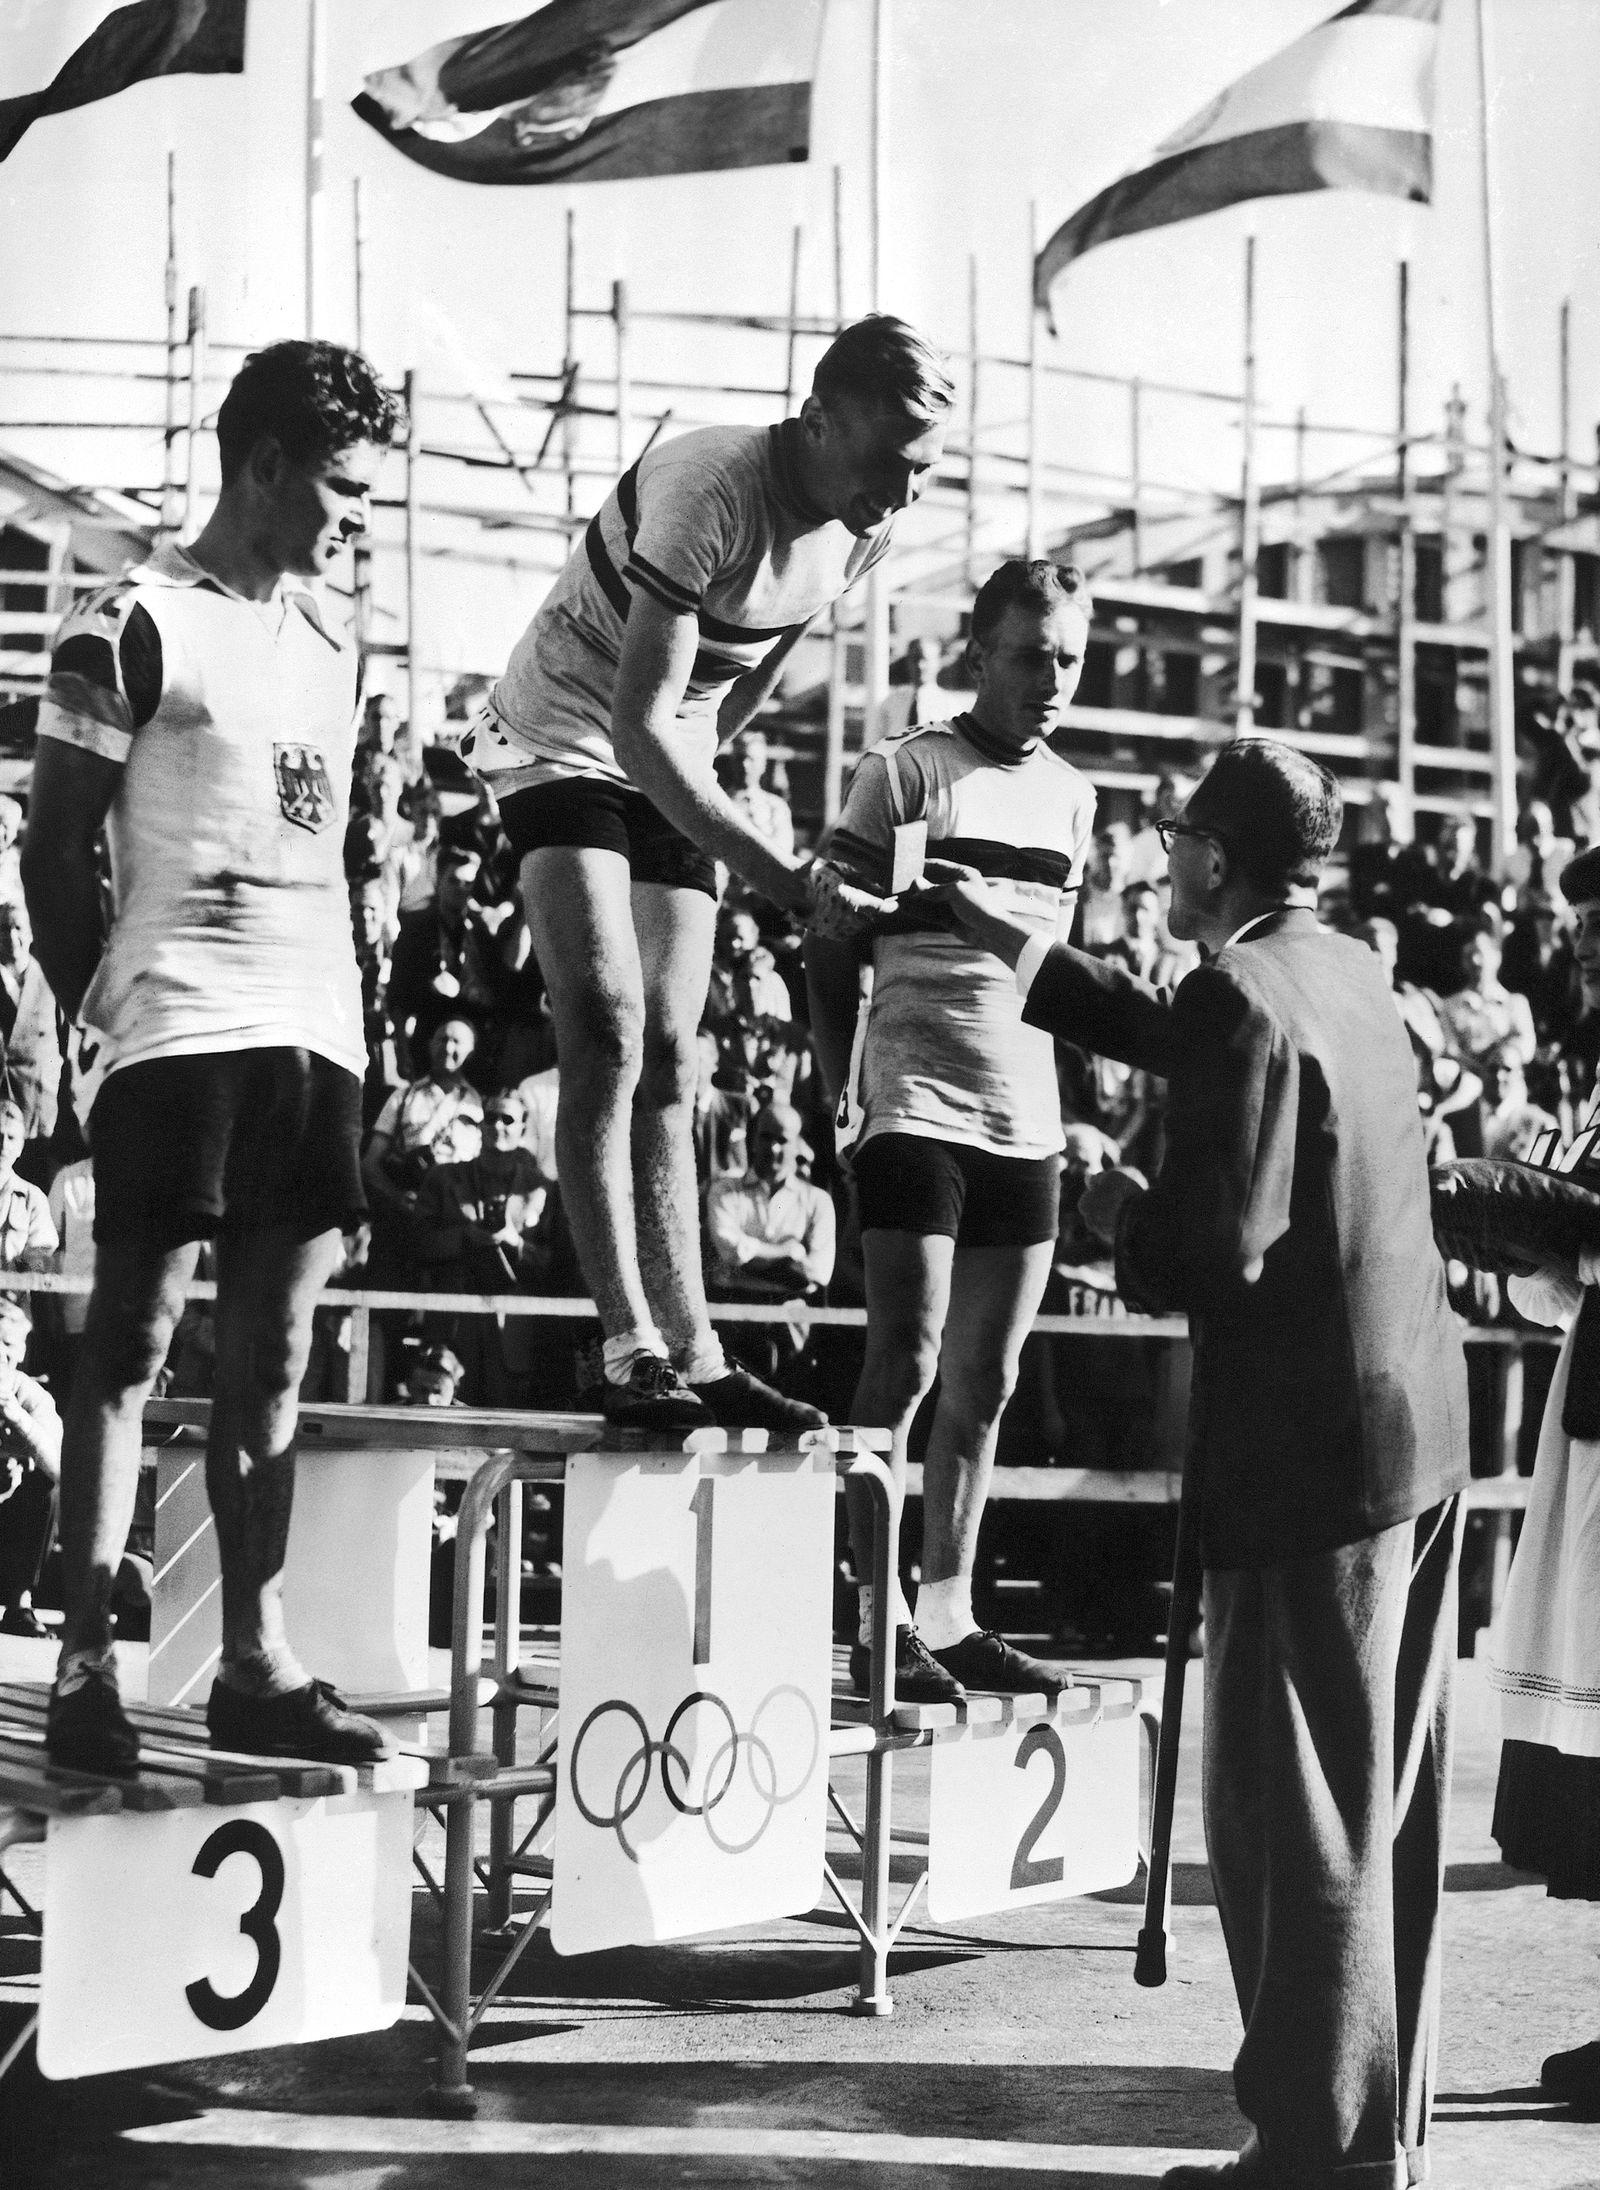 Finland Helsinki 1952 Summer Olympics